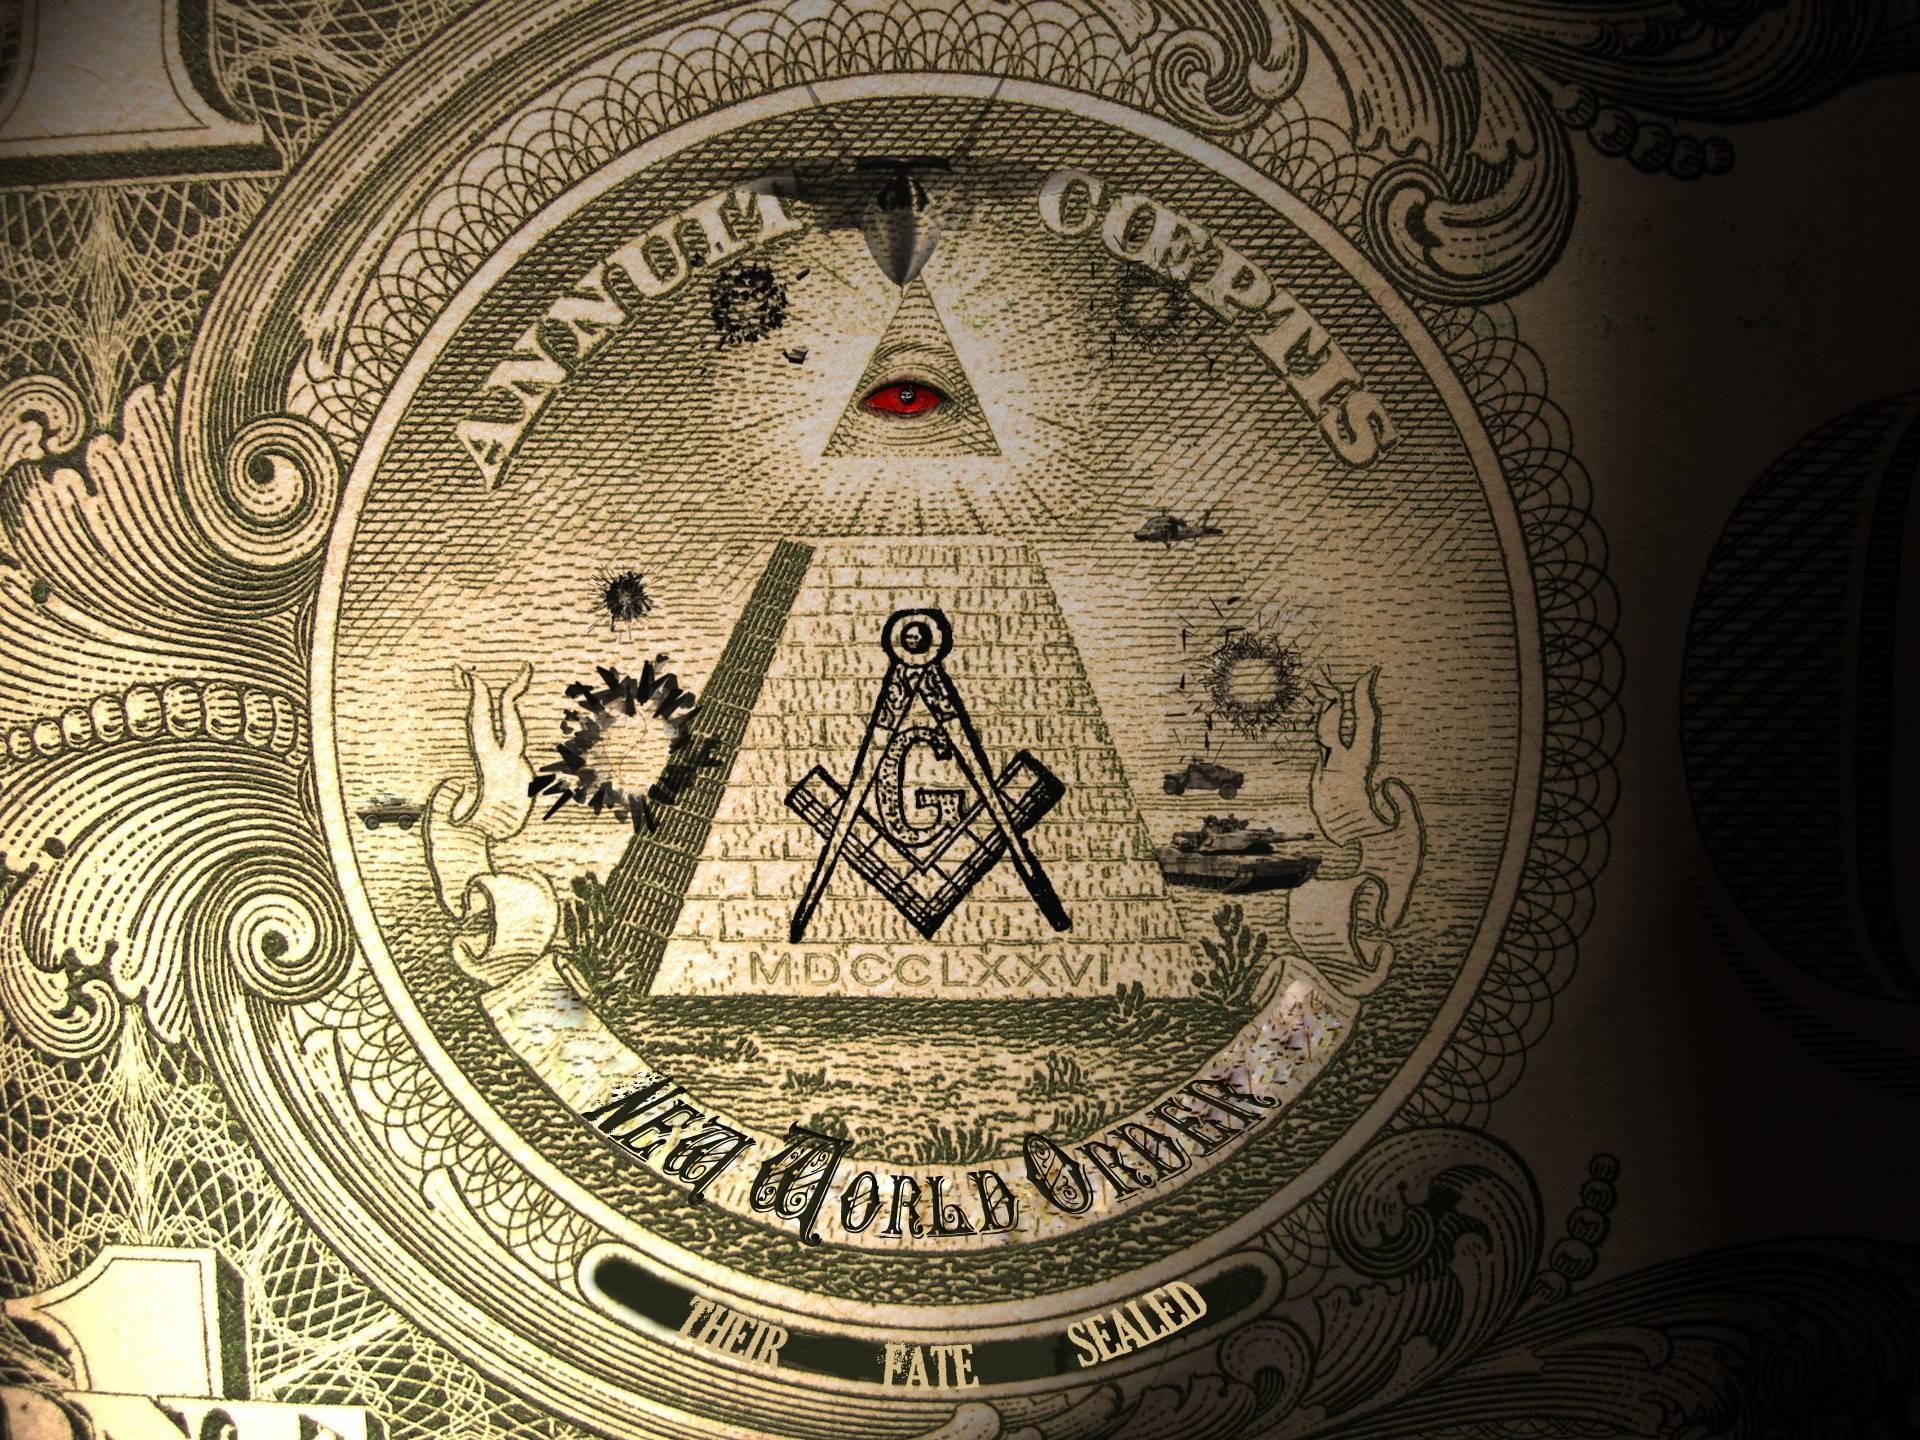 Задачи и цели масонства. конечный идеал масонства.